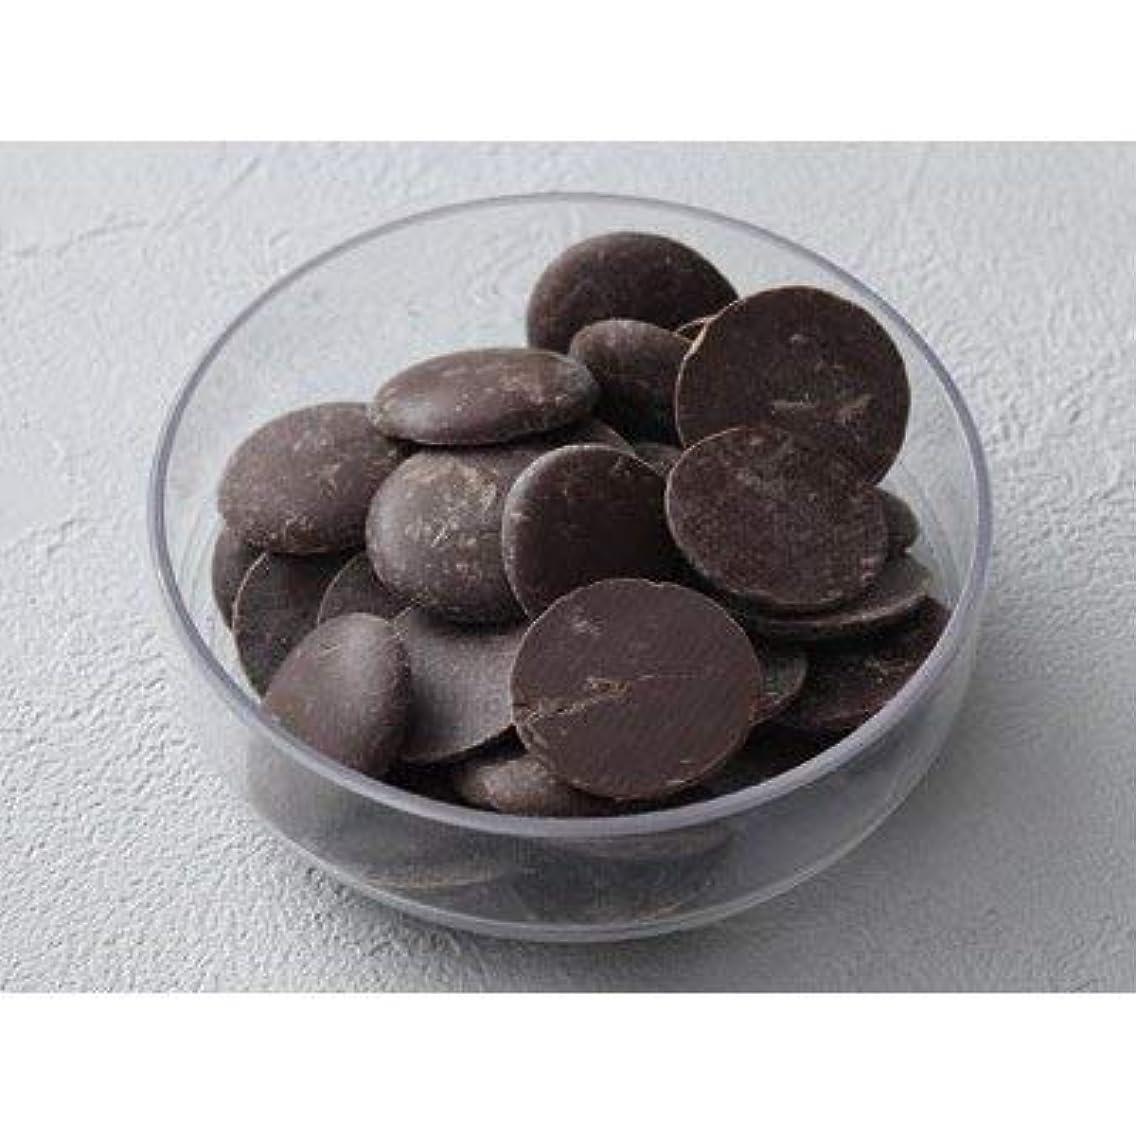 ガソリン犯罪共和国cotta オリジナル ベルギー産チョコレート カカオ58 200g